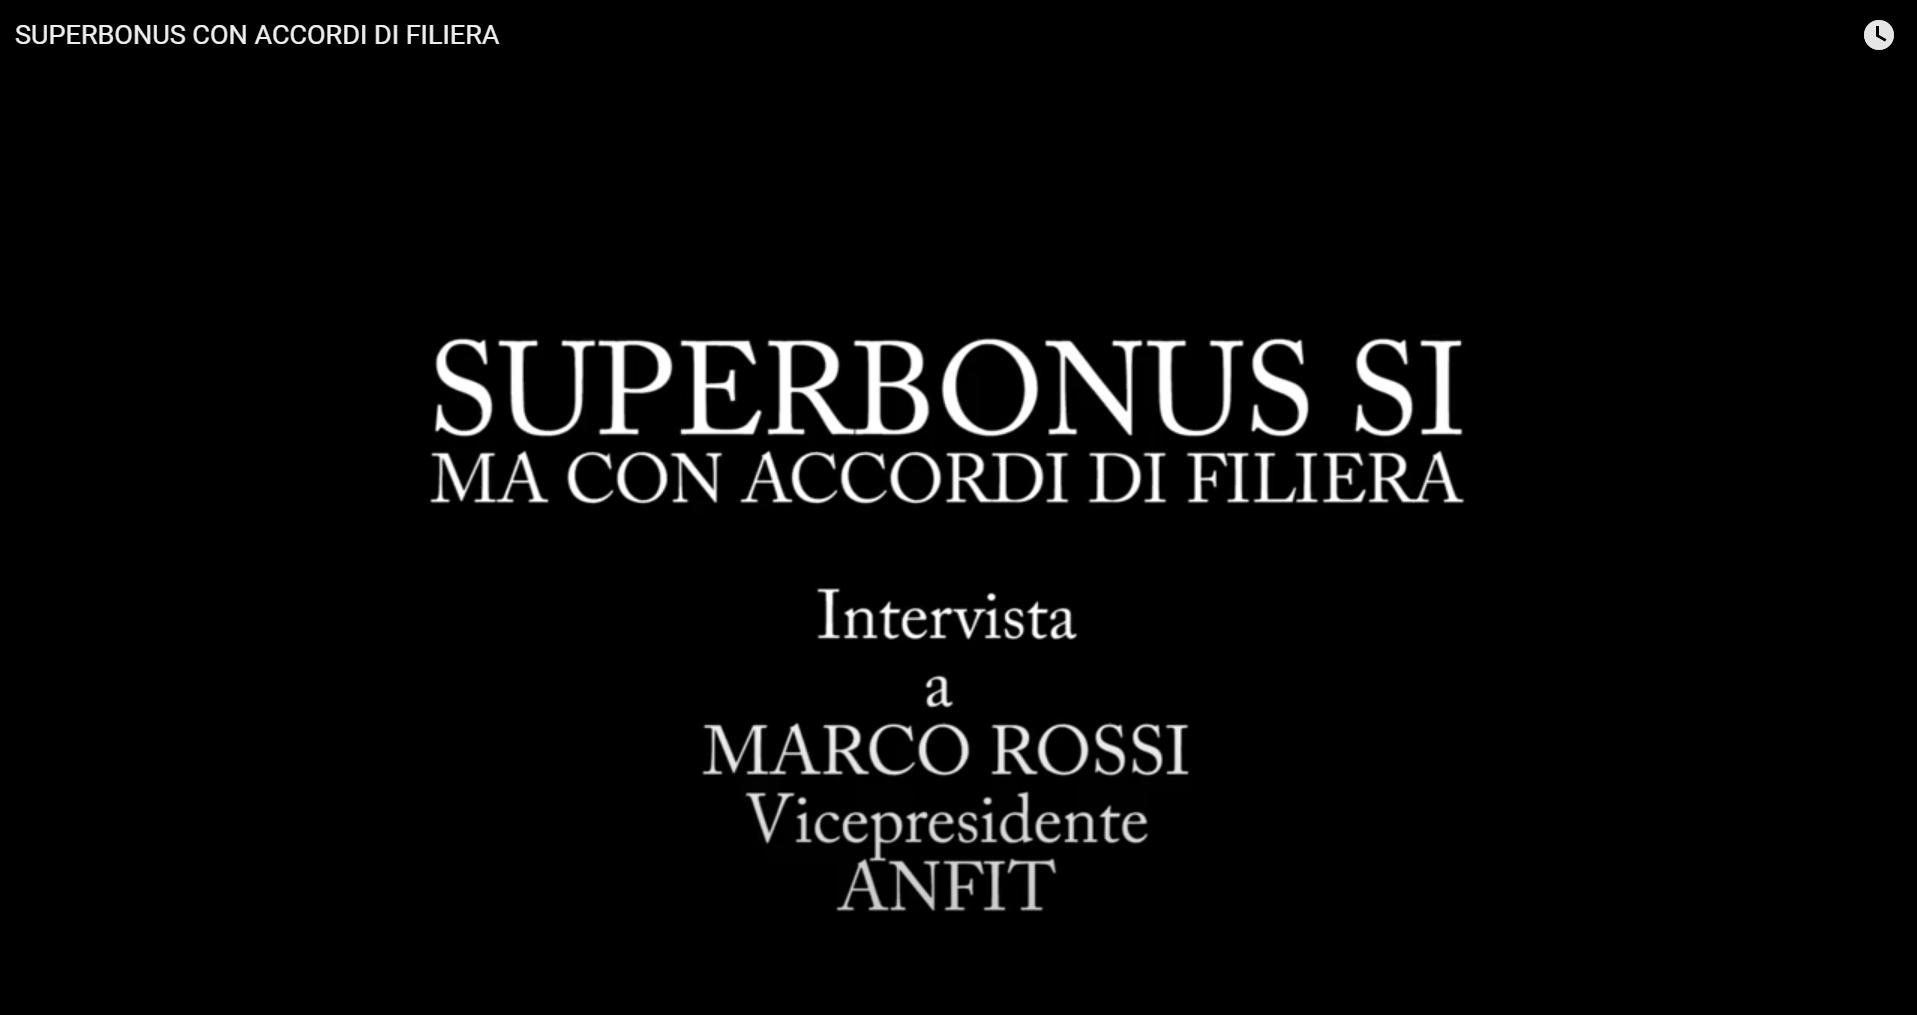 Superbonus con accordi di filiera intervista Marco Rossi GF